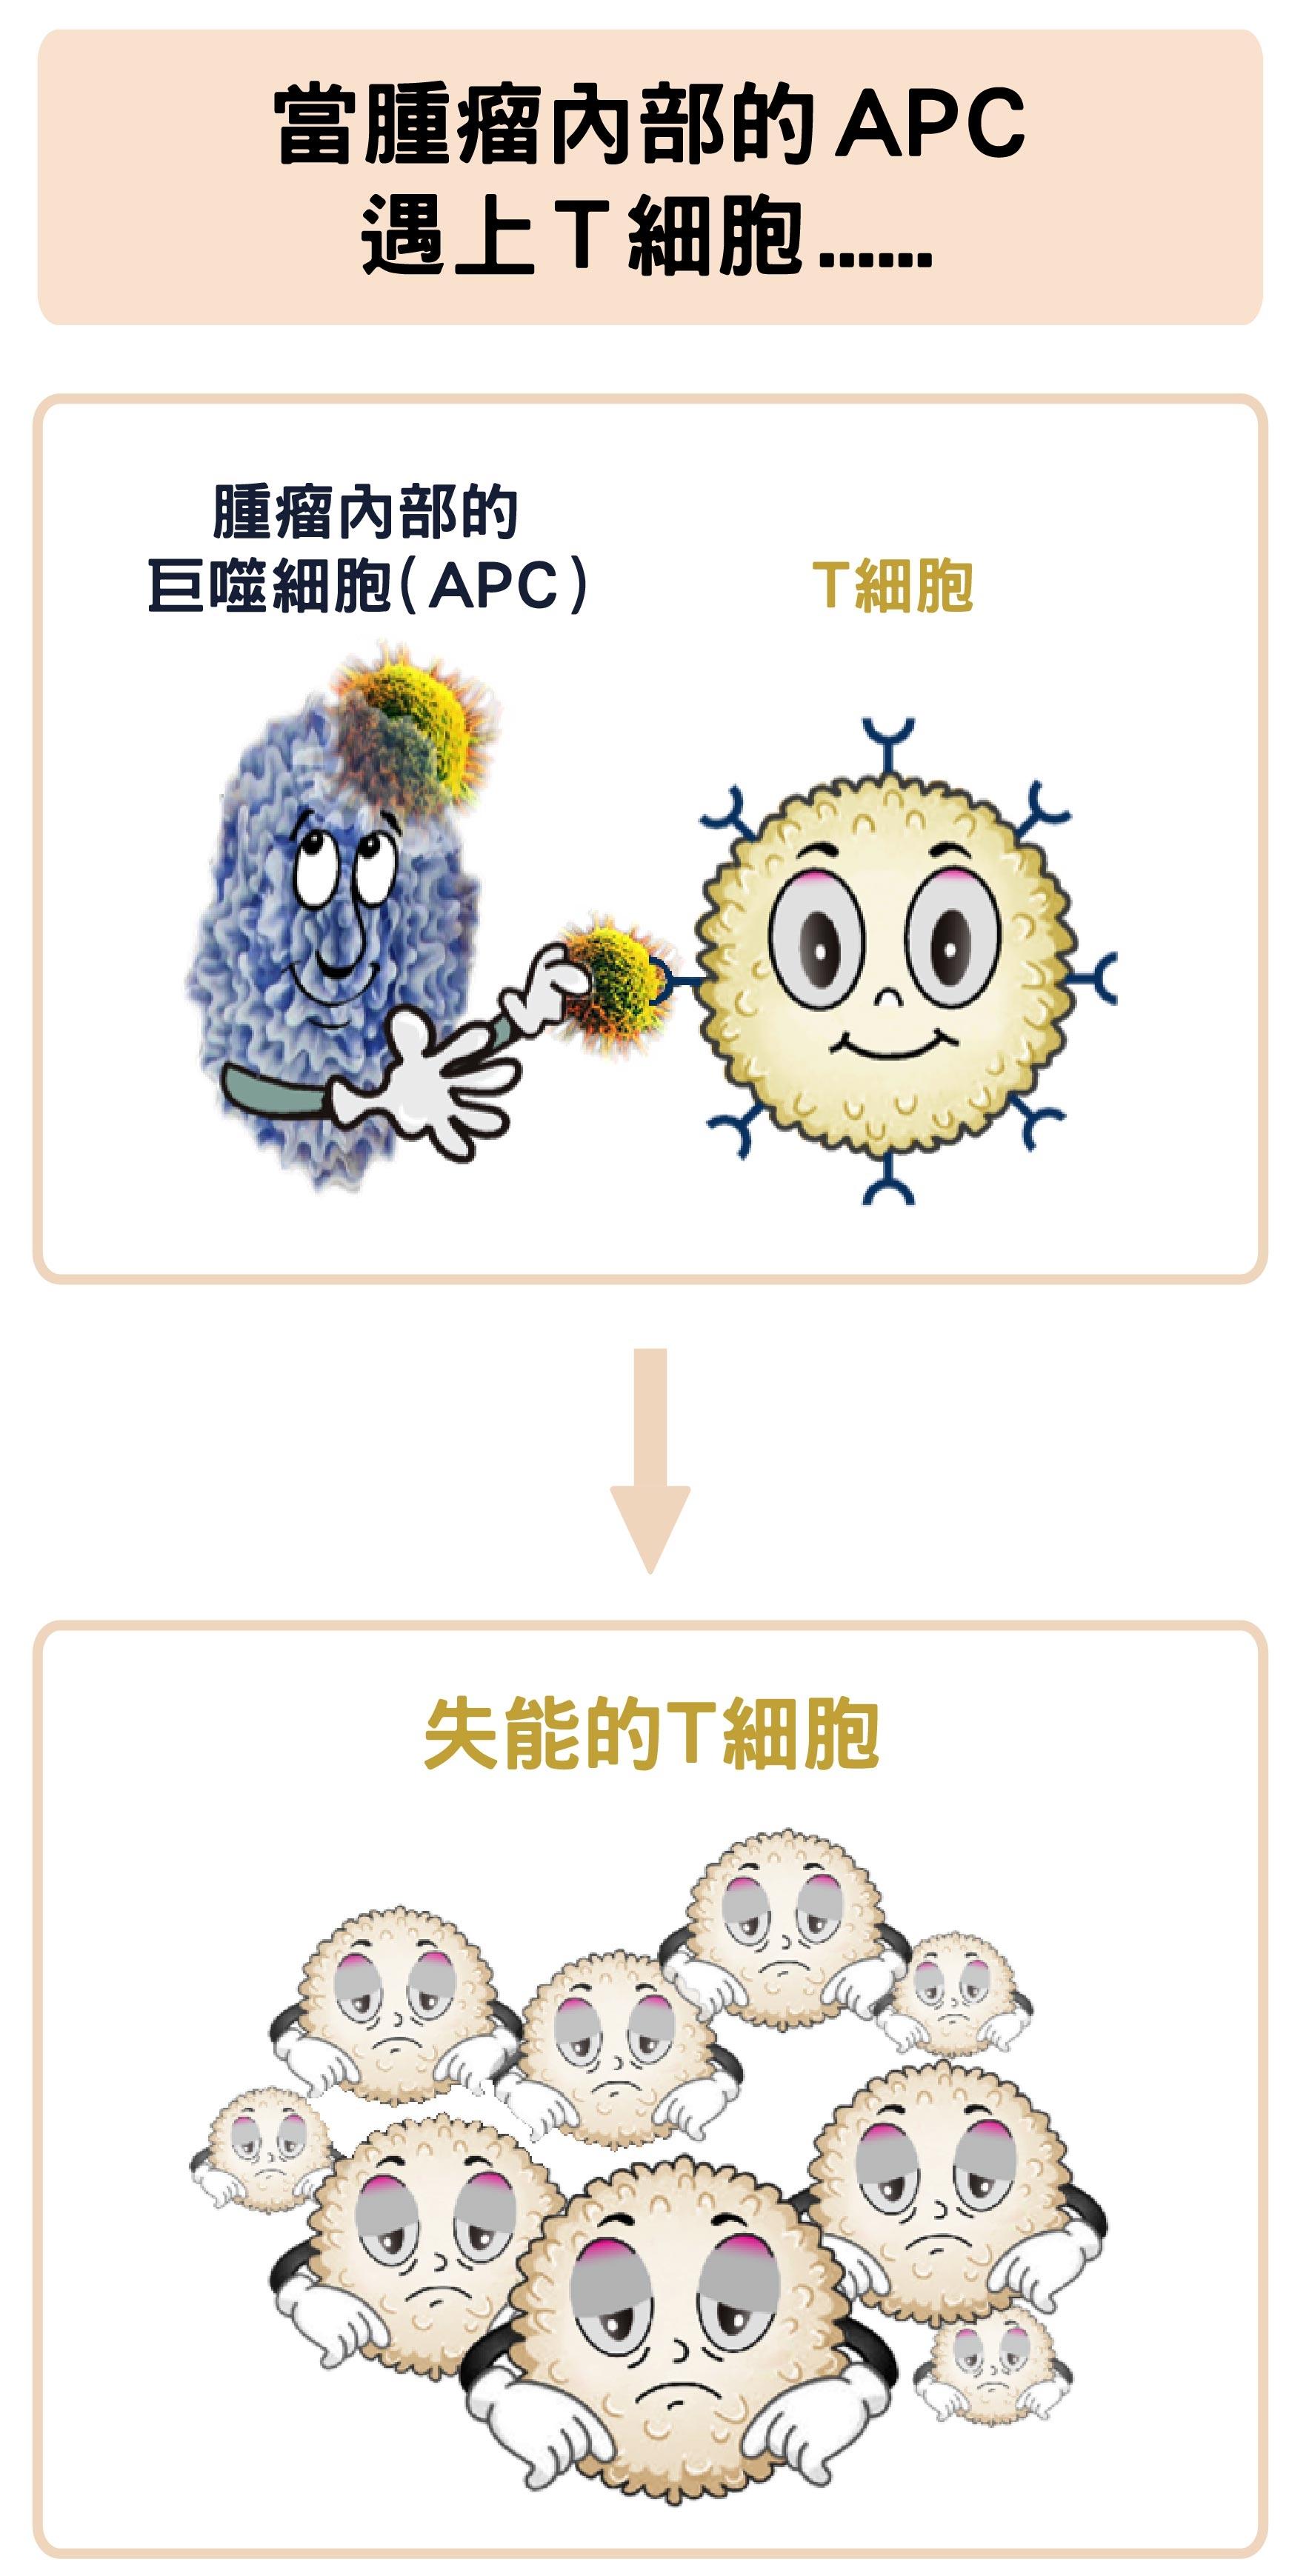 腫瘤中的巨噬細胞,反而會抑制T細胞的活化。 資料來源│陶秘華 圖說原作│張峰碧 圖說美化│林洵安